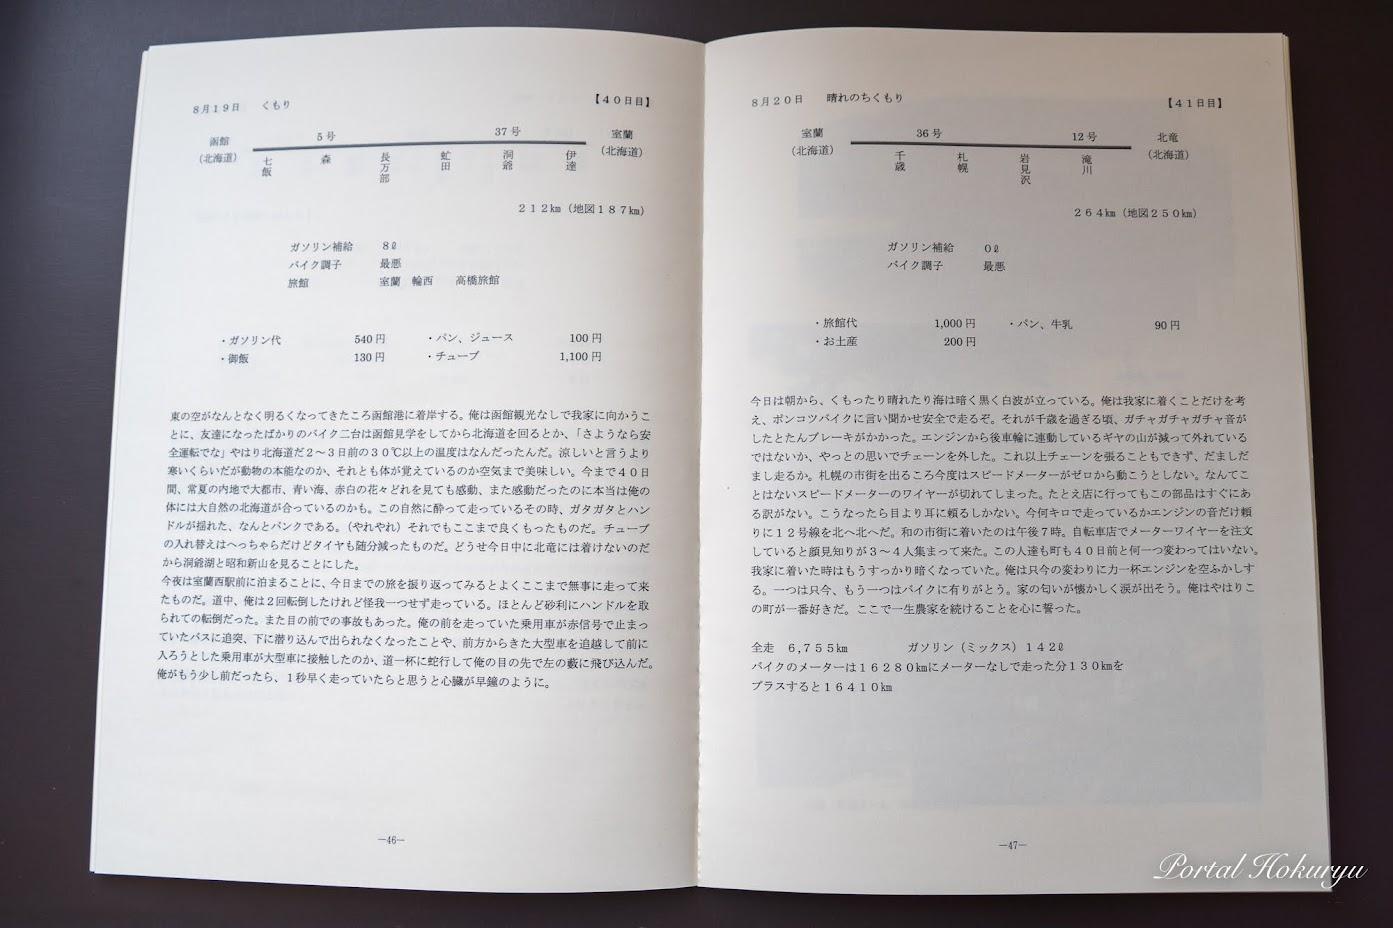 書籍『ぽんこつ単車 日本一周』41日目